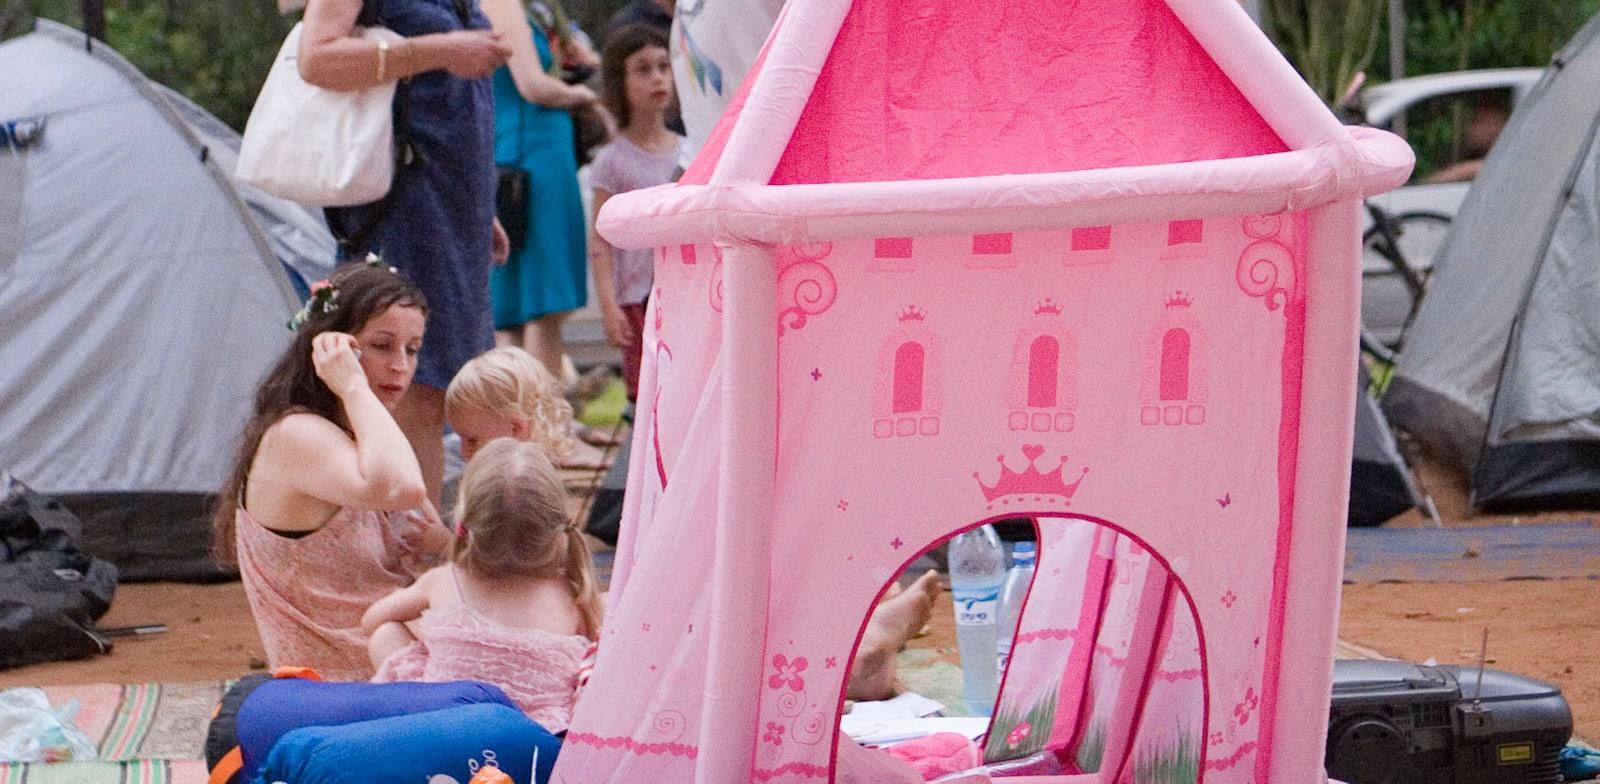 אוהלי מחאה בשדרות רוטשילד בתל אביב / צילום: שלומי יוסף